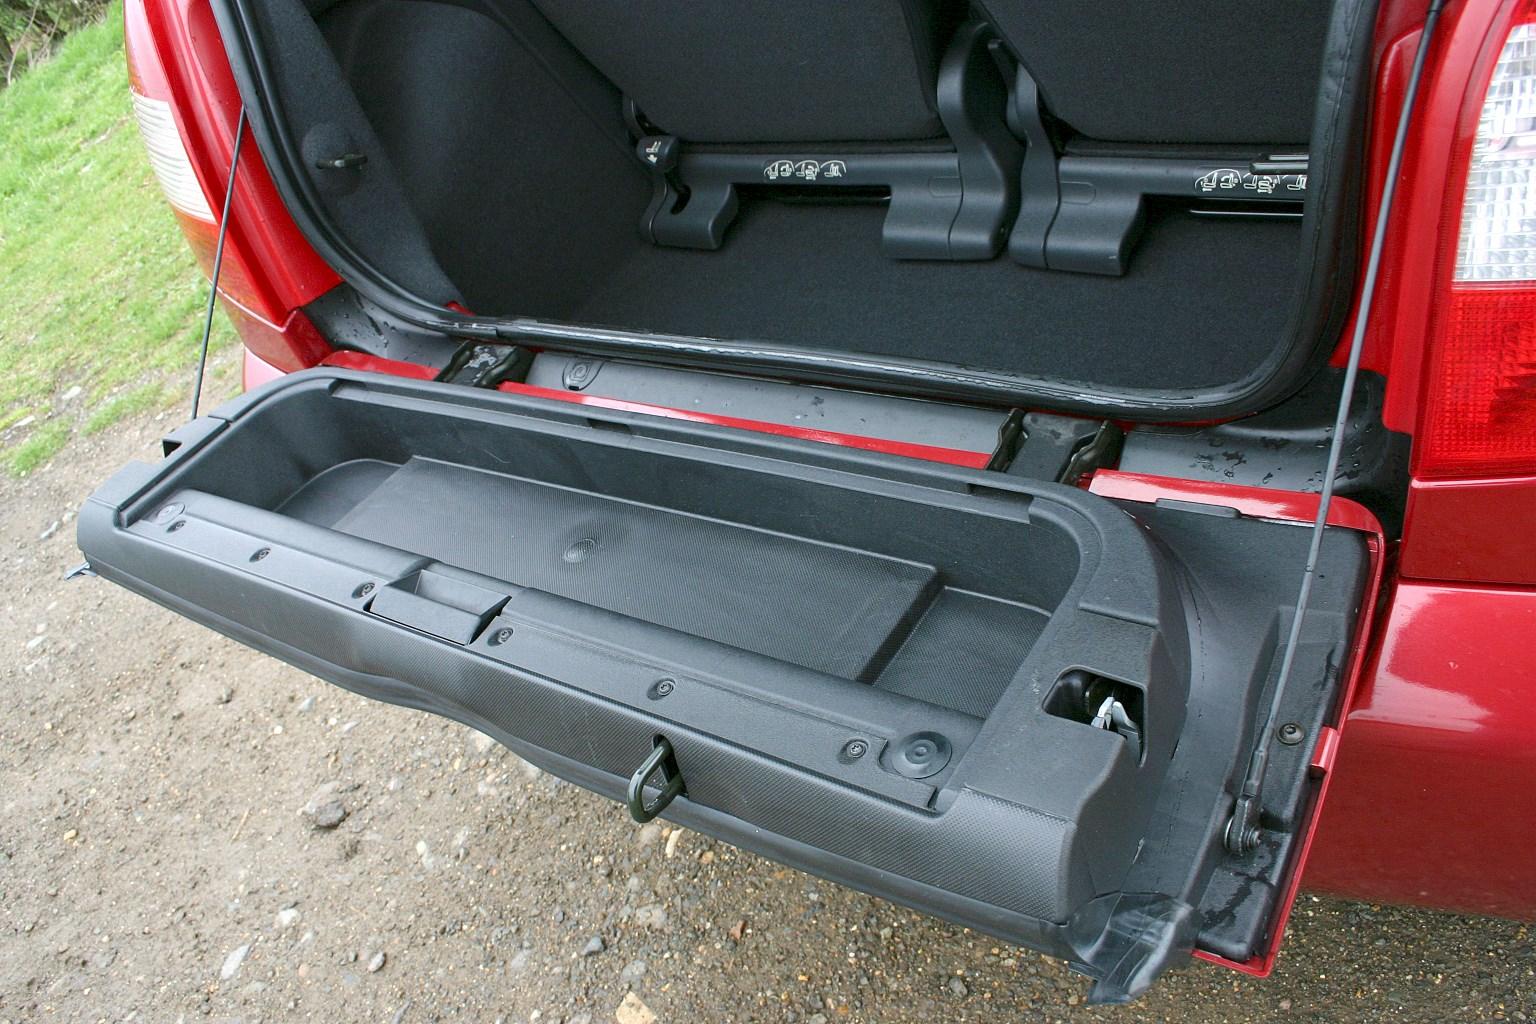 Used Citroën C2 Hatchback (2003 - 2009) Engines | Parkers